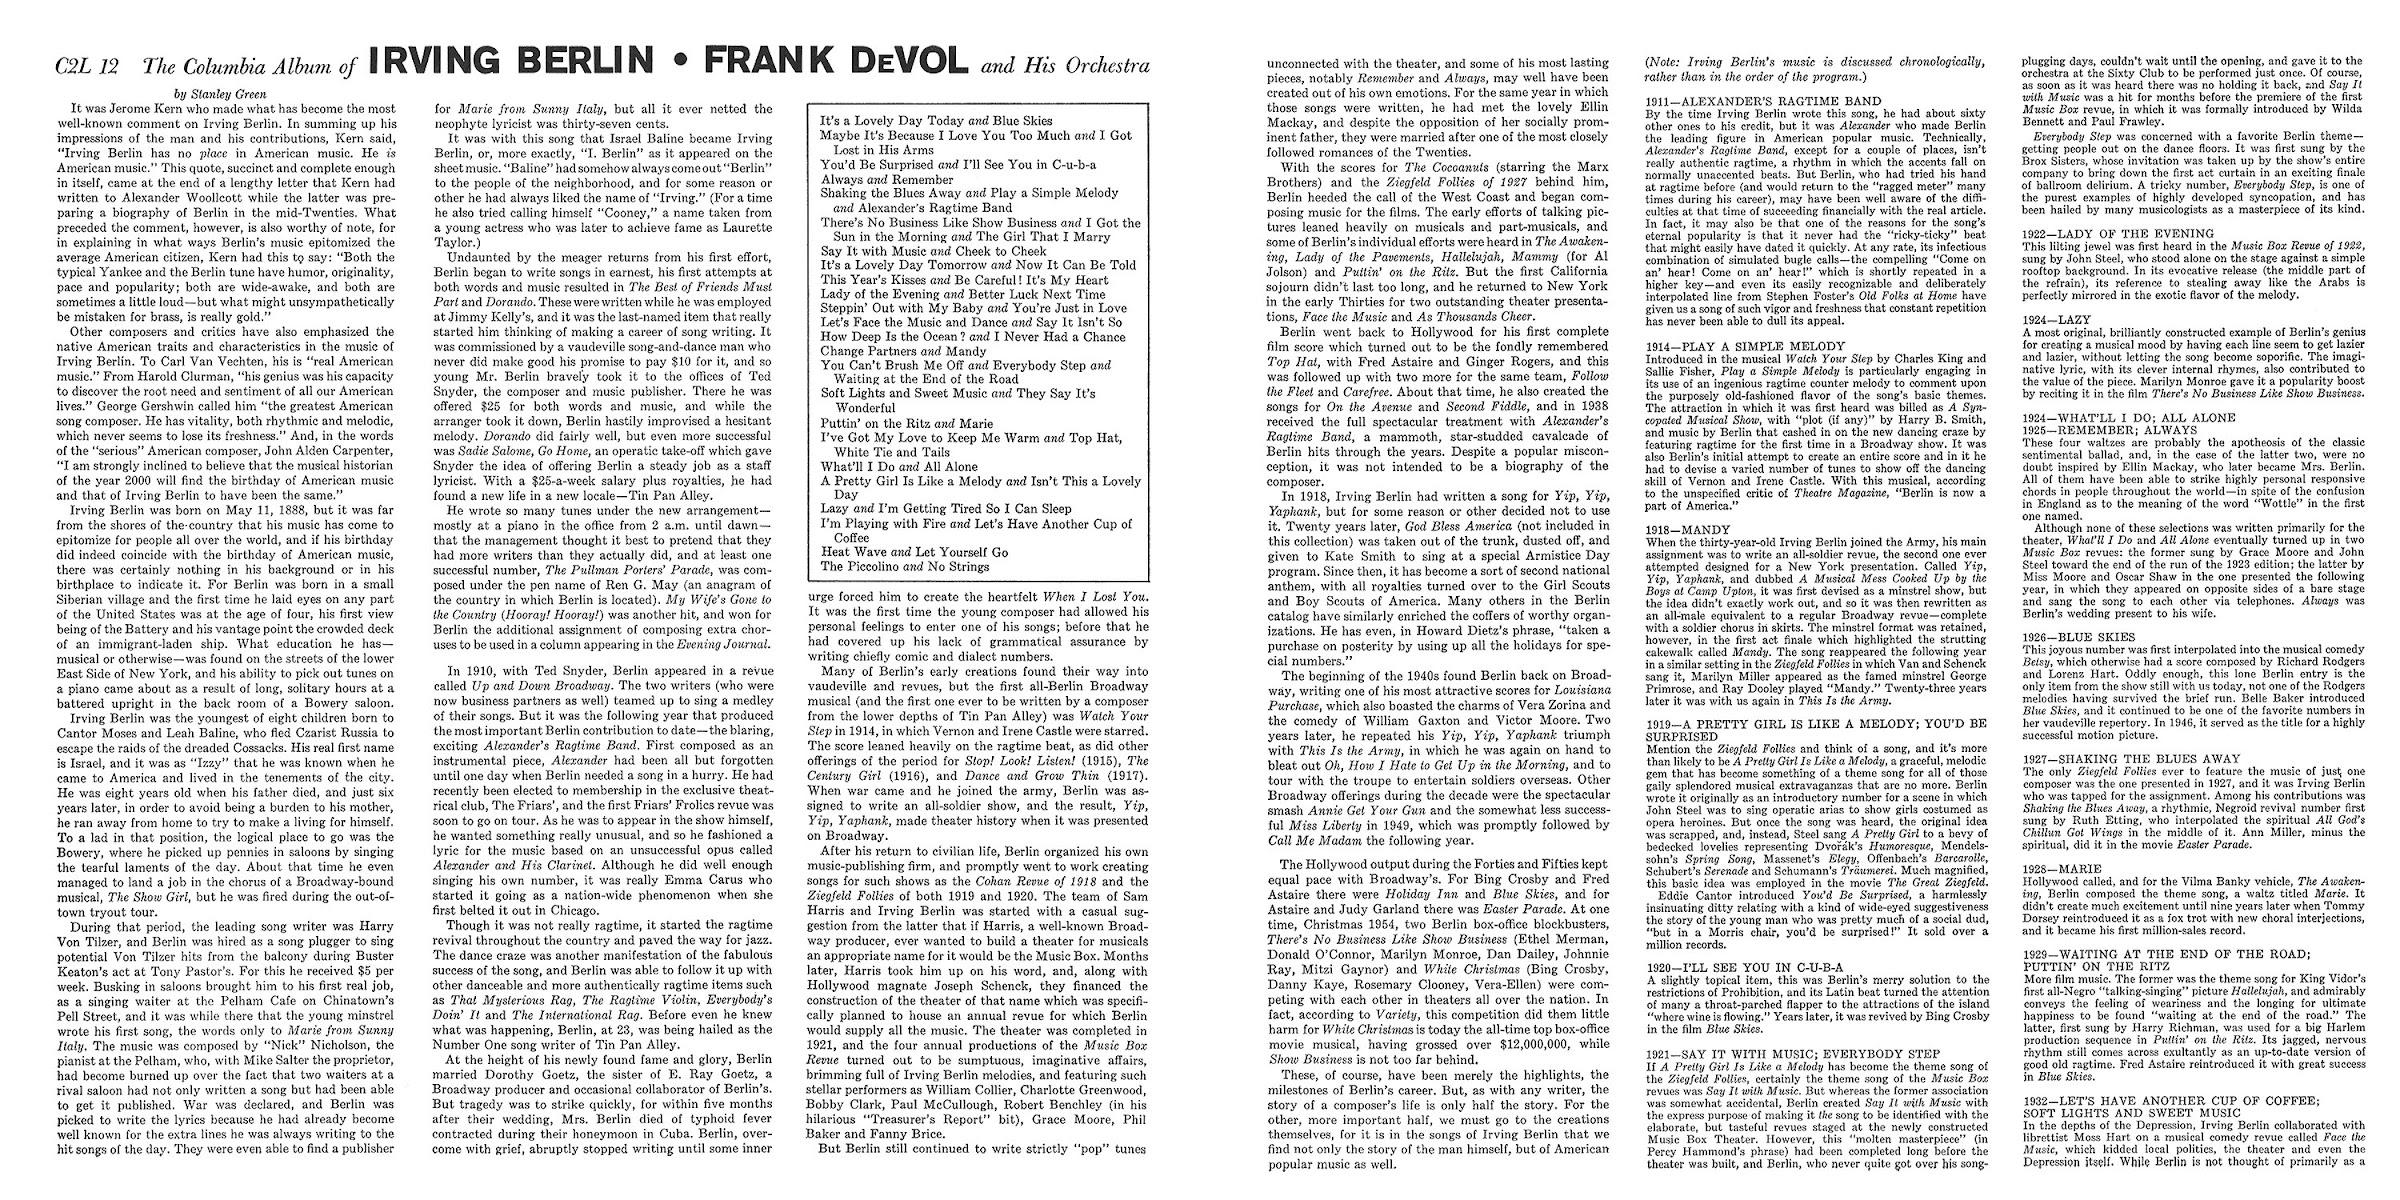 Frank DeVol, Irving Berlin